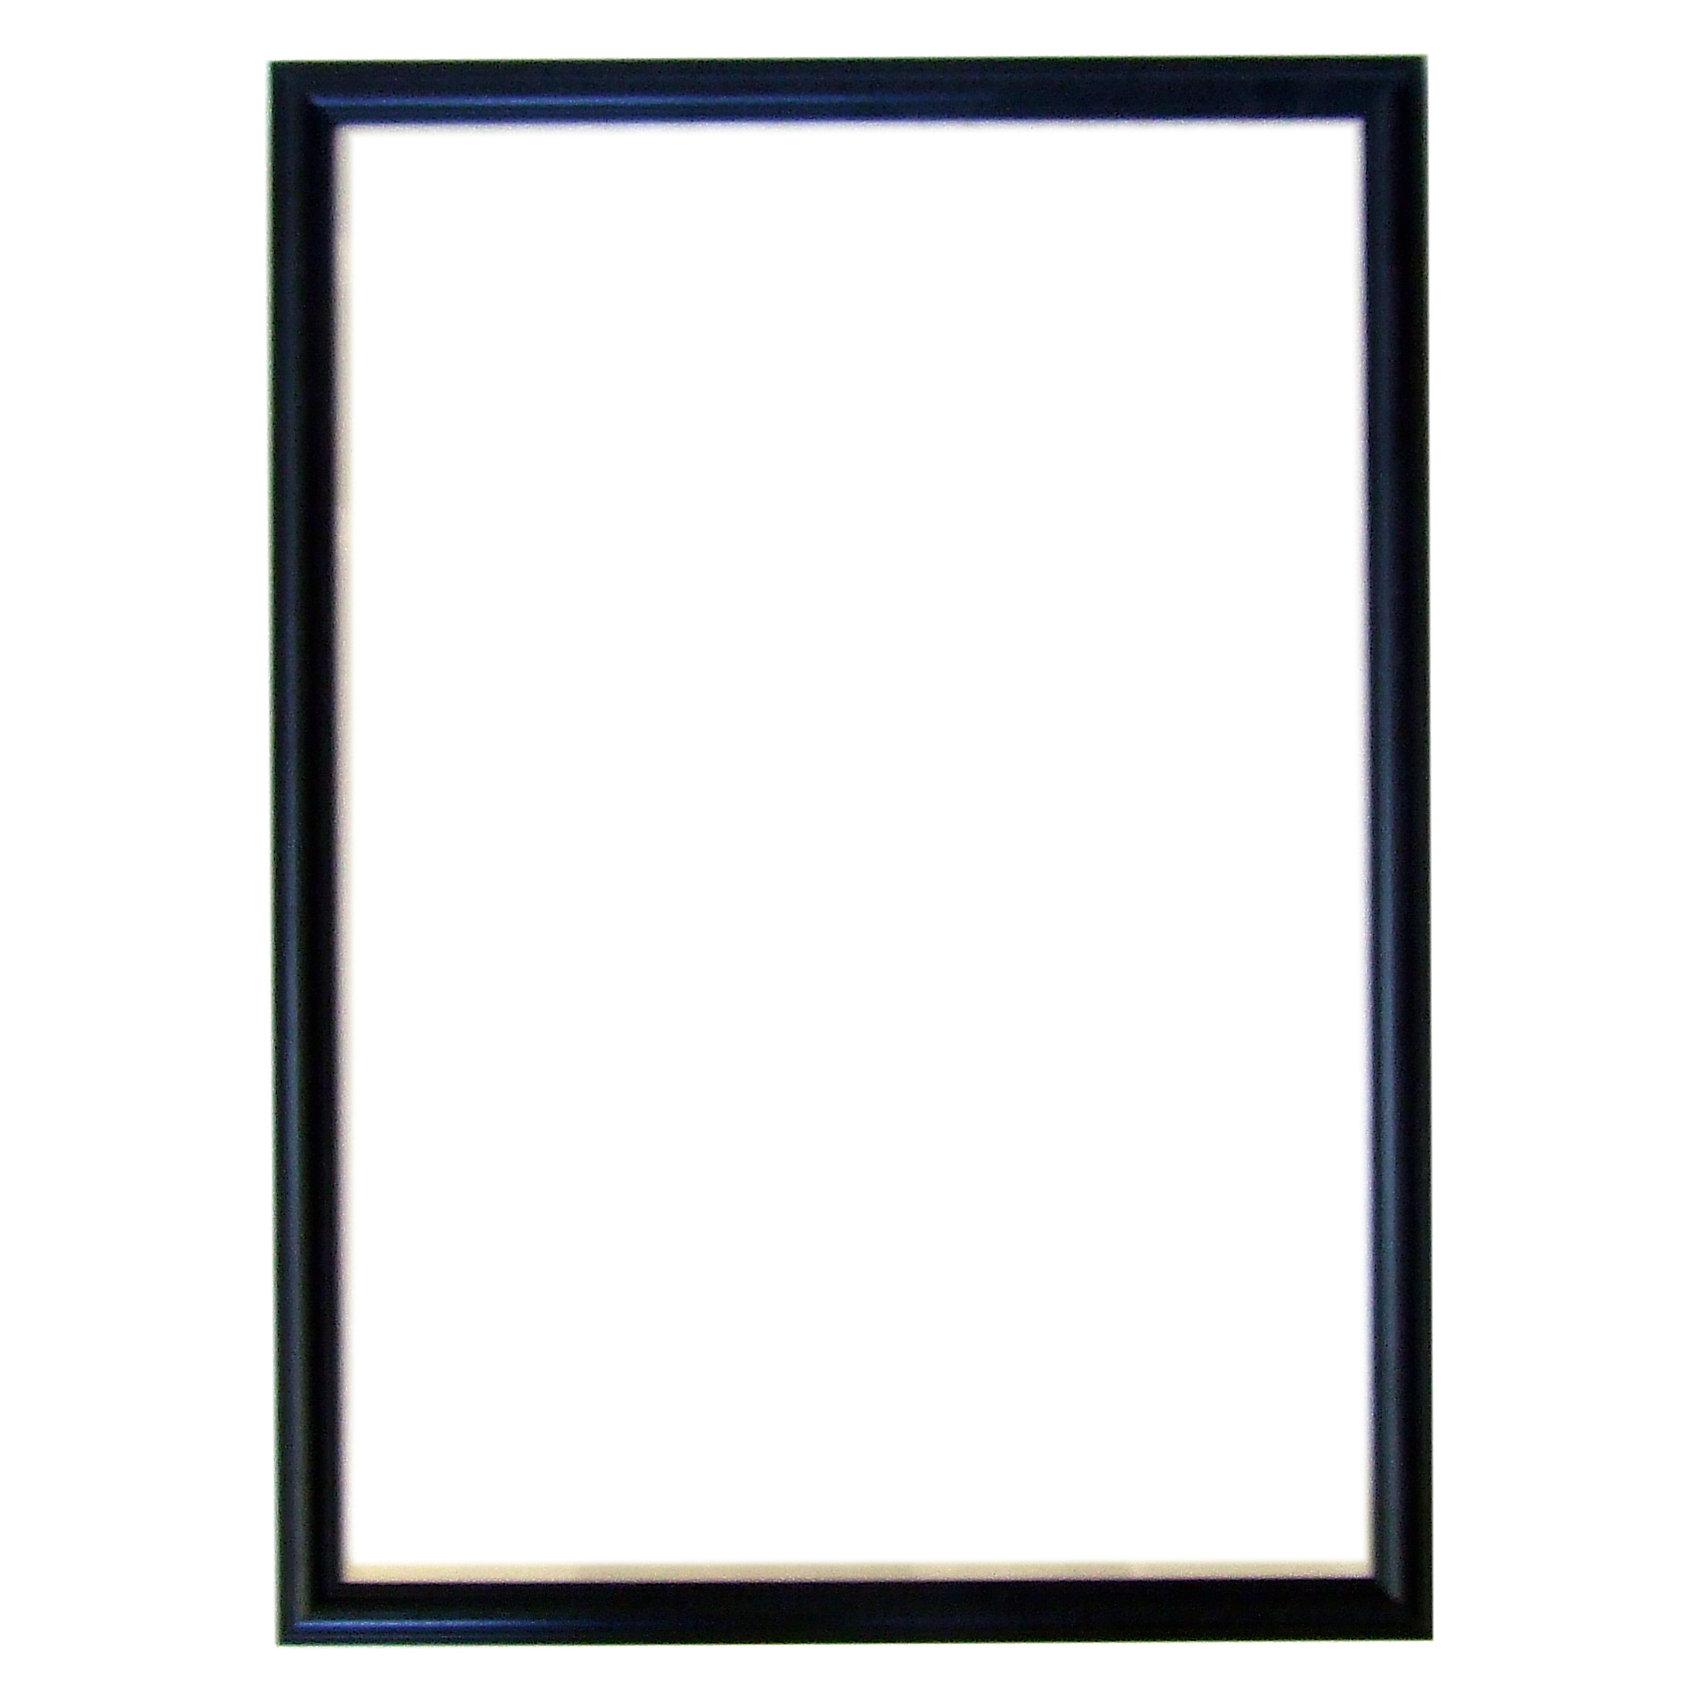 Рамка для пазла 500 деталей, 33х47 см, чернаяС этой стильной рамкой собранный пазл можно повесить на стену. Рамка позволяет быстро и надежно закрепить пазл между подложкой и пластиком, т.е. его не требуется предварительно склеивать.<br><br>Дополнительная информация: <br><br>- Материал: пластик.<br>- Подложка: МДФ. <br>- Размер: 33х47 см. <br>- Толщина рамки: 2 см. <br>- Цвет: черный.<br><br>Рамку для пазла из 500 деталей, 33х47 см, черную, можно купить в нашем магазине.<br><br>Ширина мм: 330<br>Глубина мм: 470<br>Высота мм: 20<br>Вес г: 300<br>Возраст от месяцев: 72<br>Возраст до месяцев: 192<br>Пол: Унисекс<br>Возраст: Детский<br>SKU: 4292205